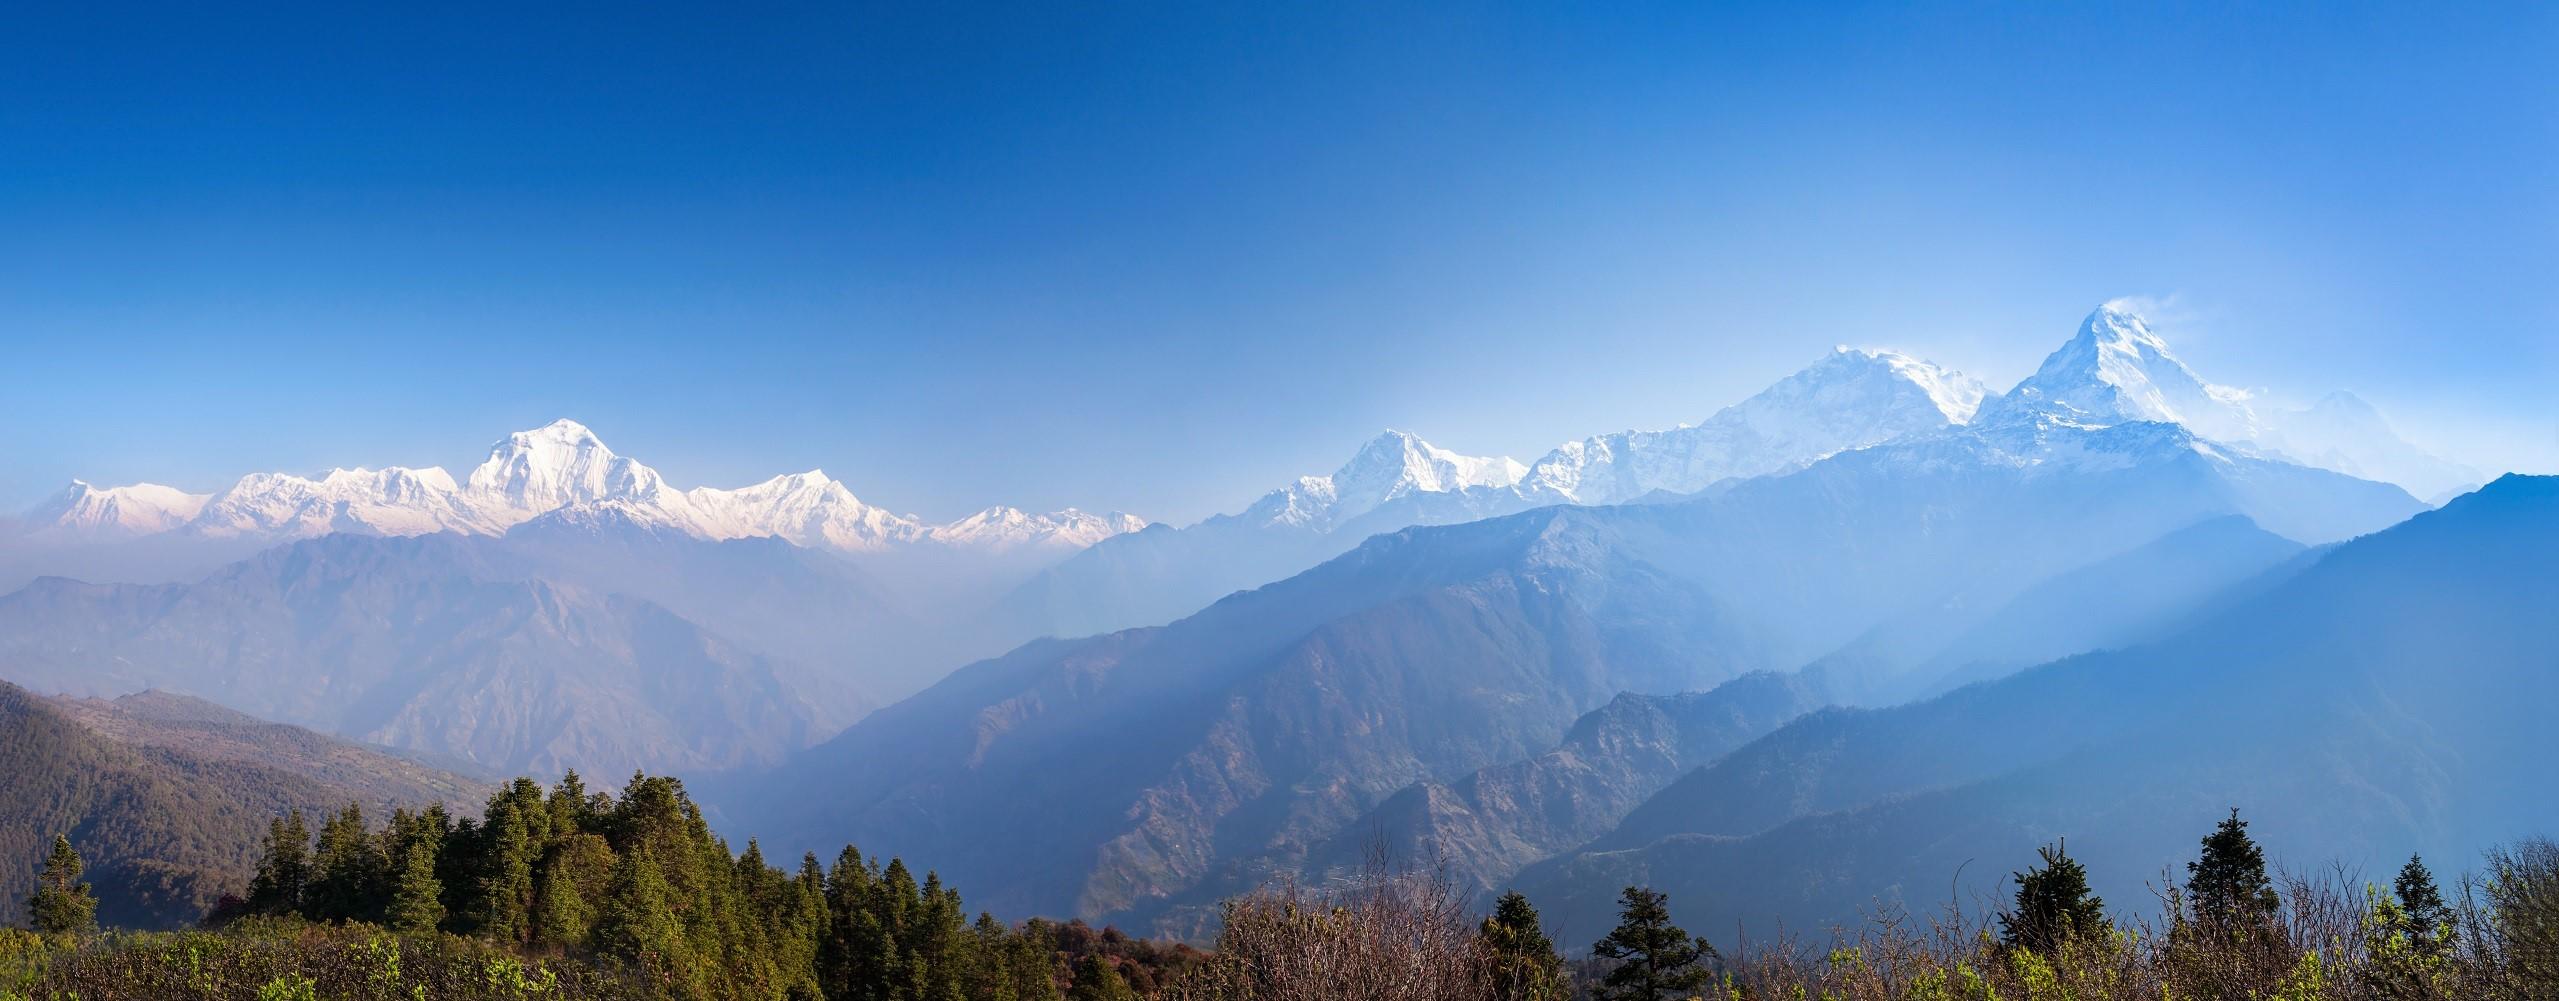 Nepal - Himalaya - travel Nepal